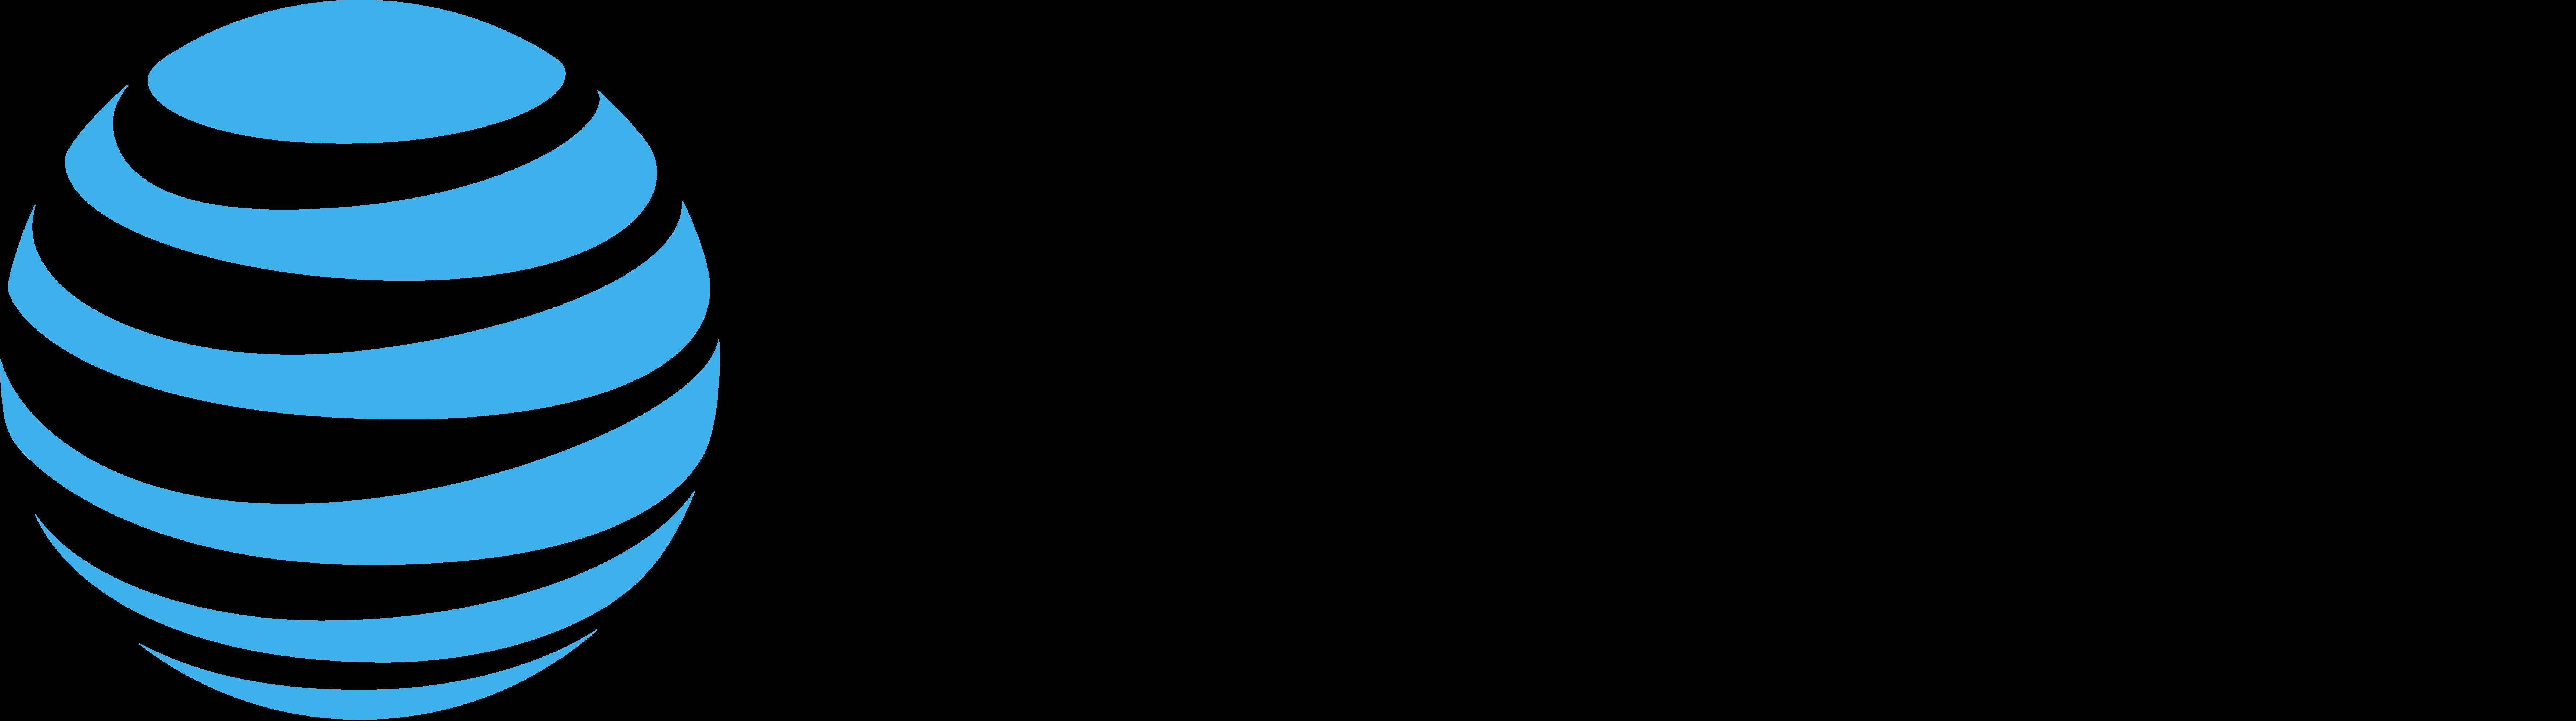 ATT_DTV_AuthDealer_logo_4C